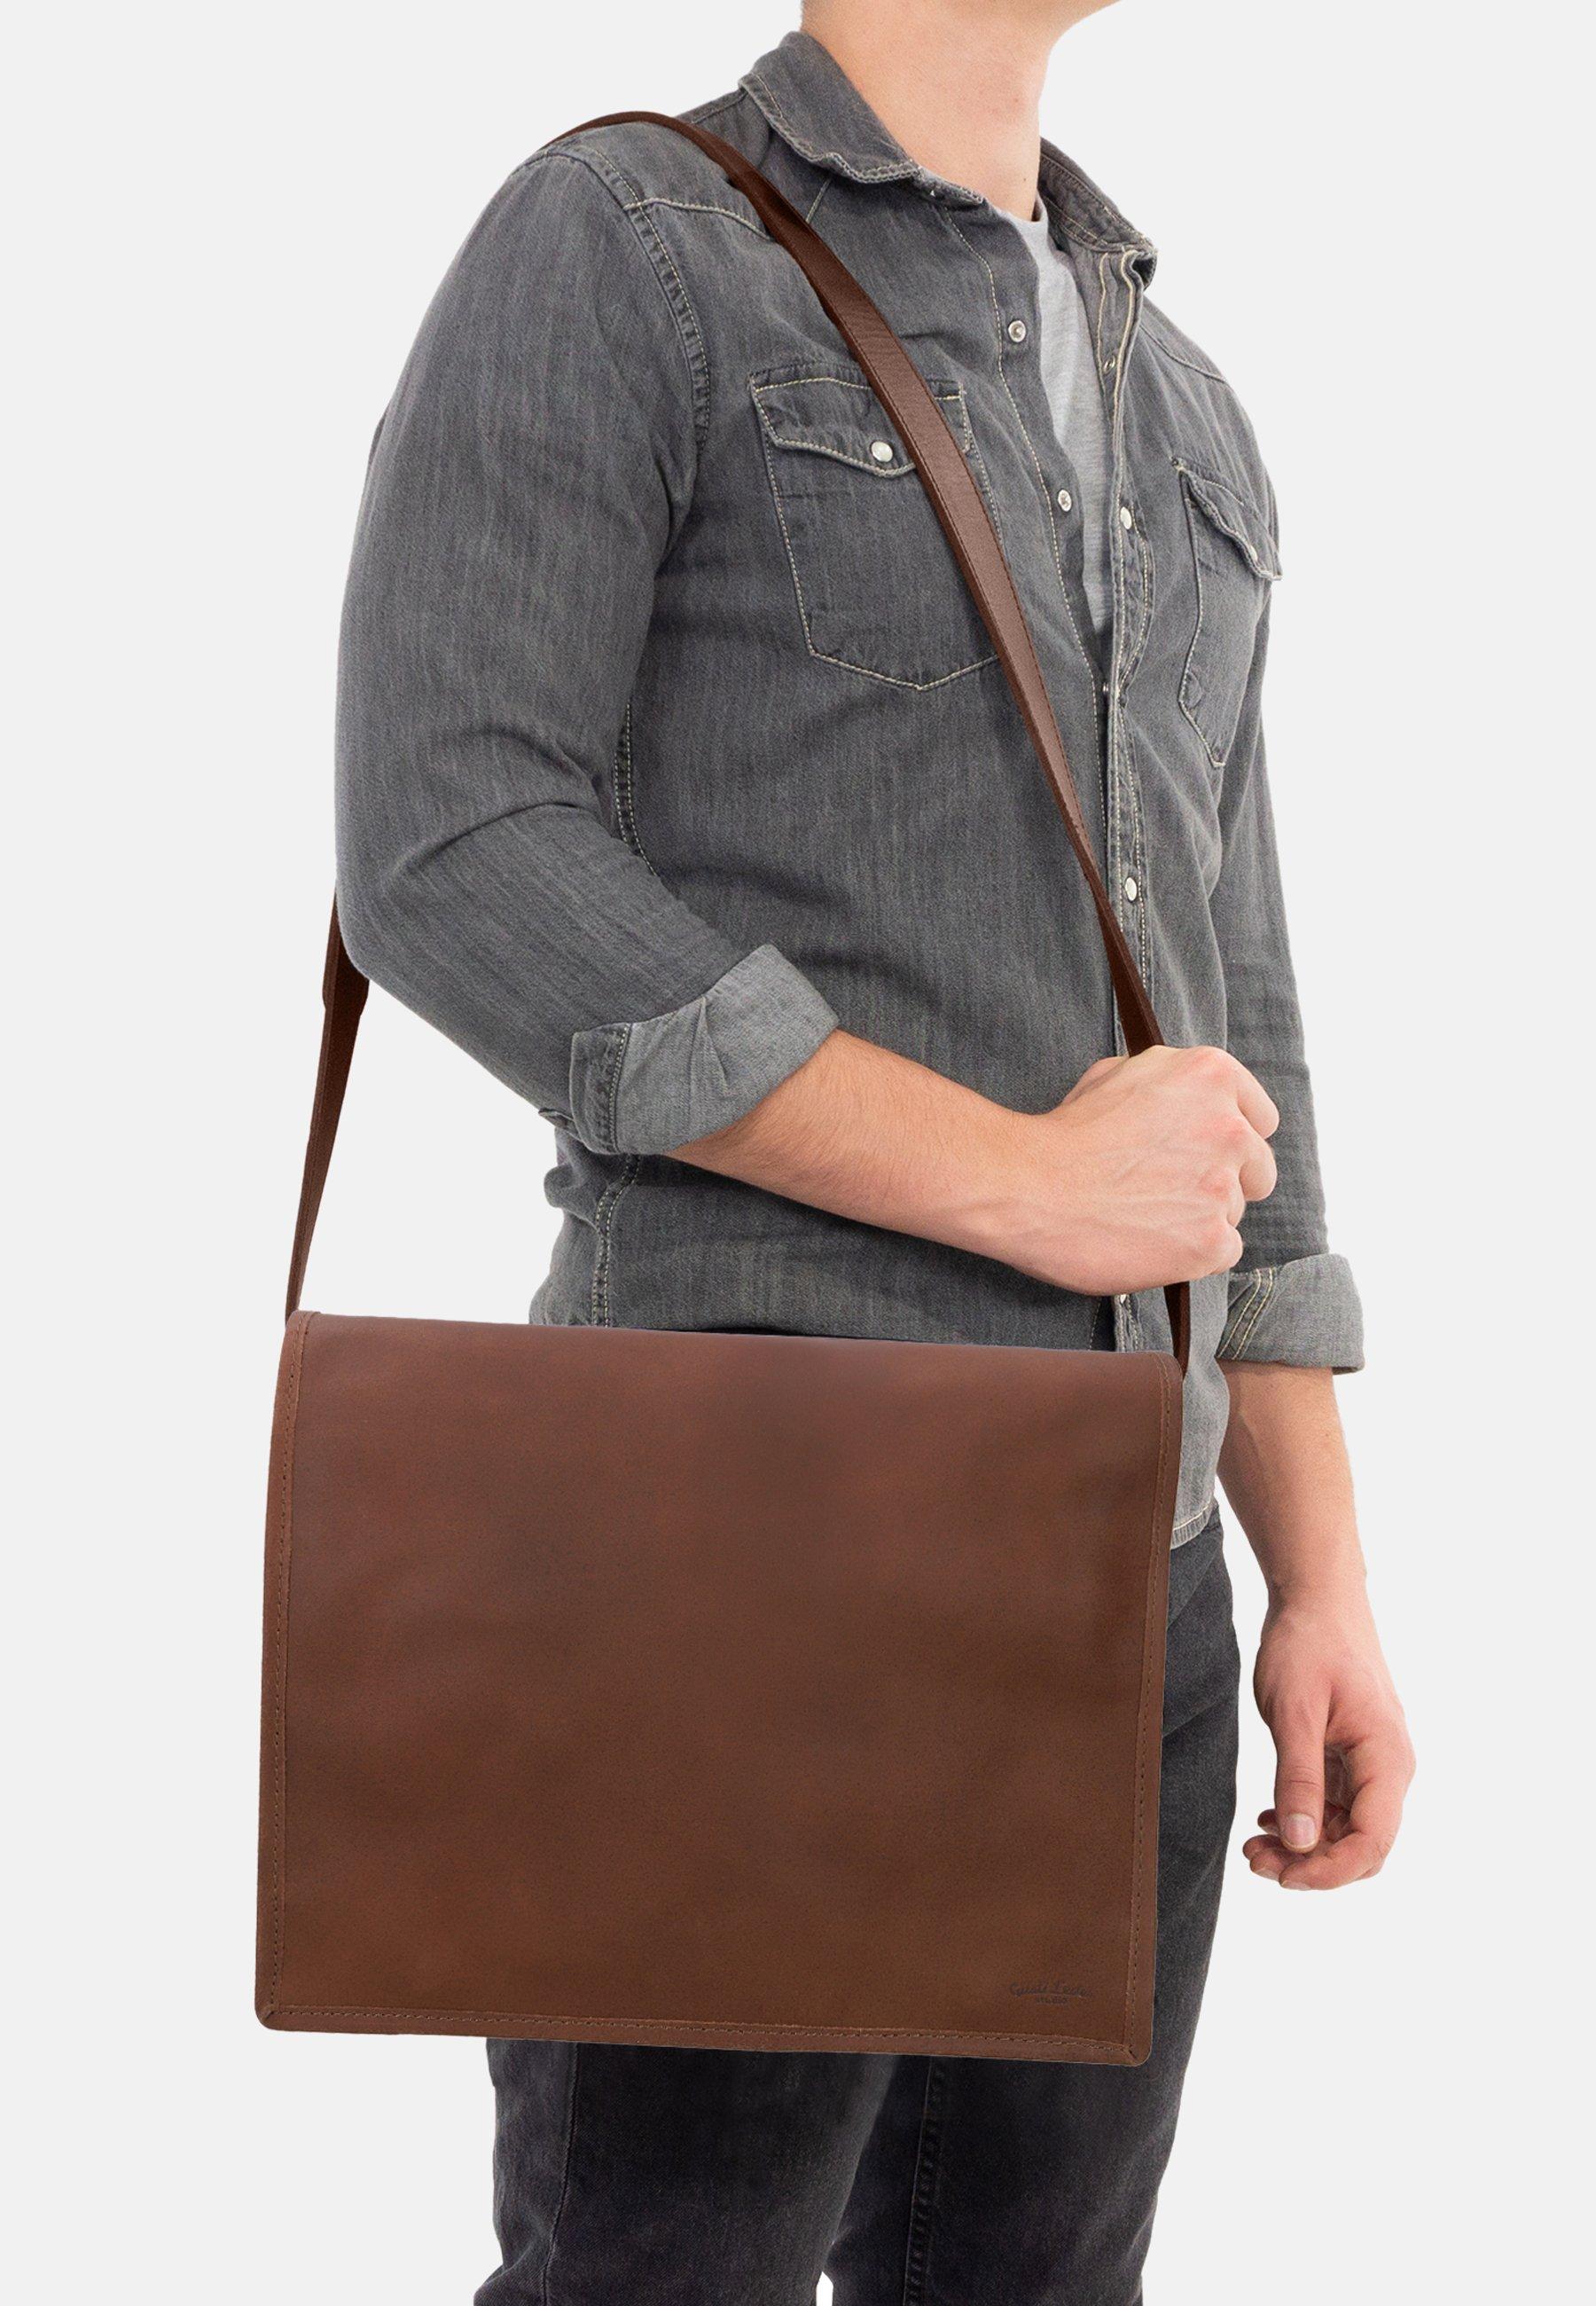 Herren Notebooktasche